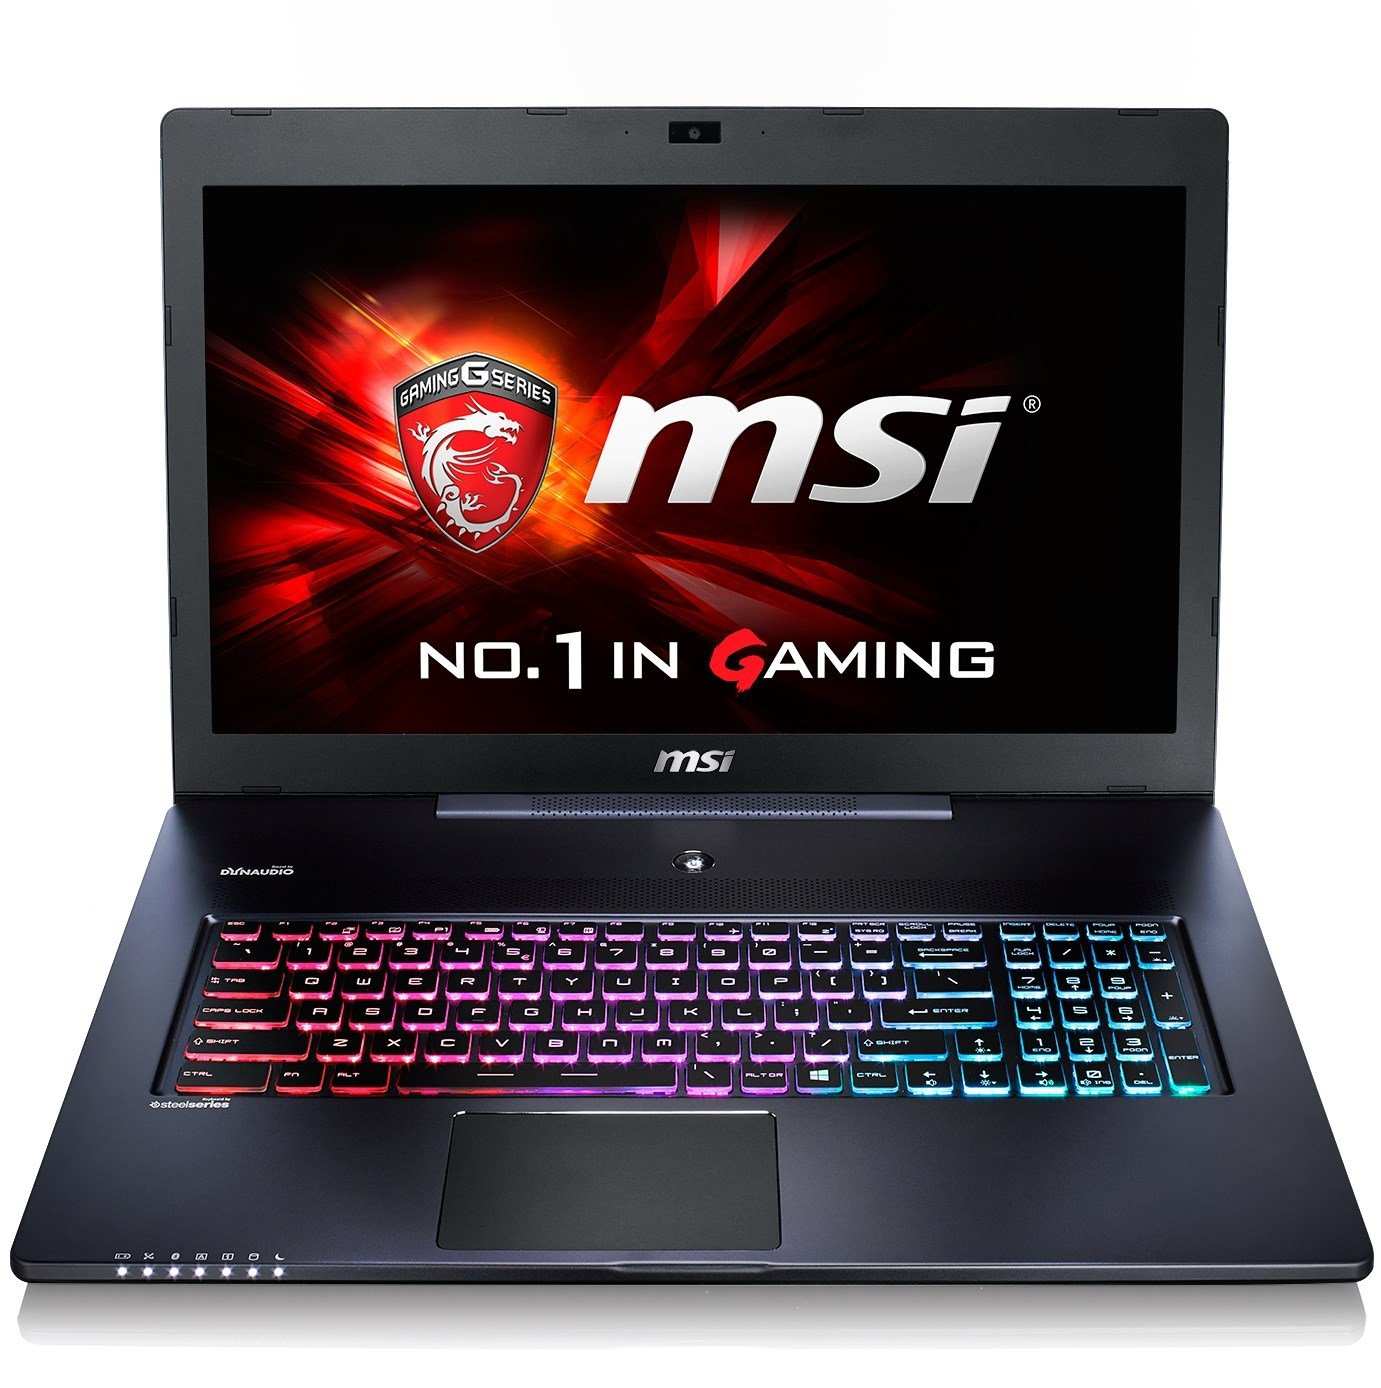 MSI GS72 6QD Stealth 4K Intel Bluetooth Windows 8 X64 Treiber